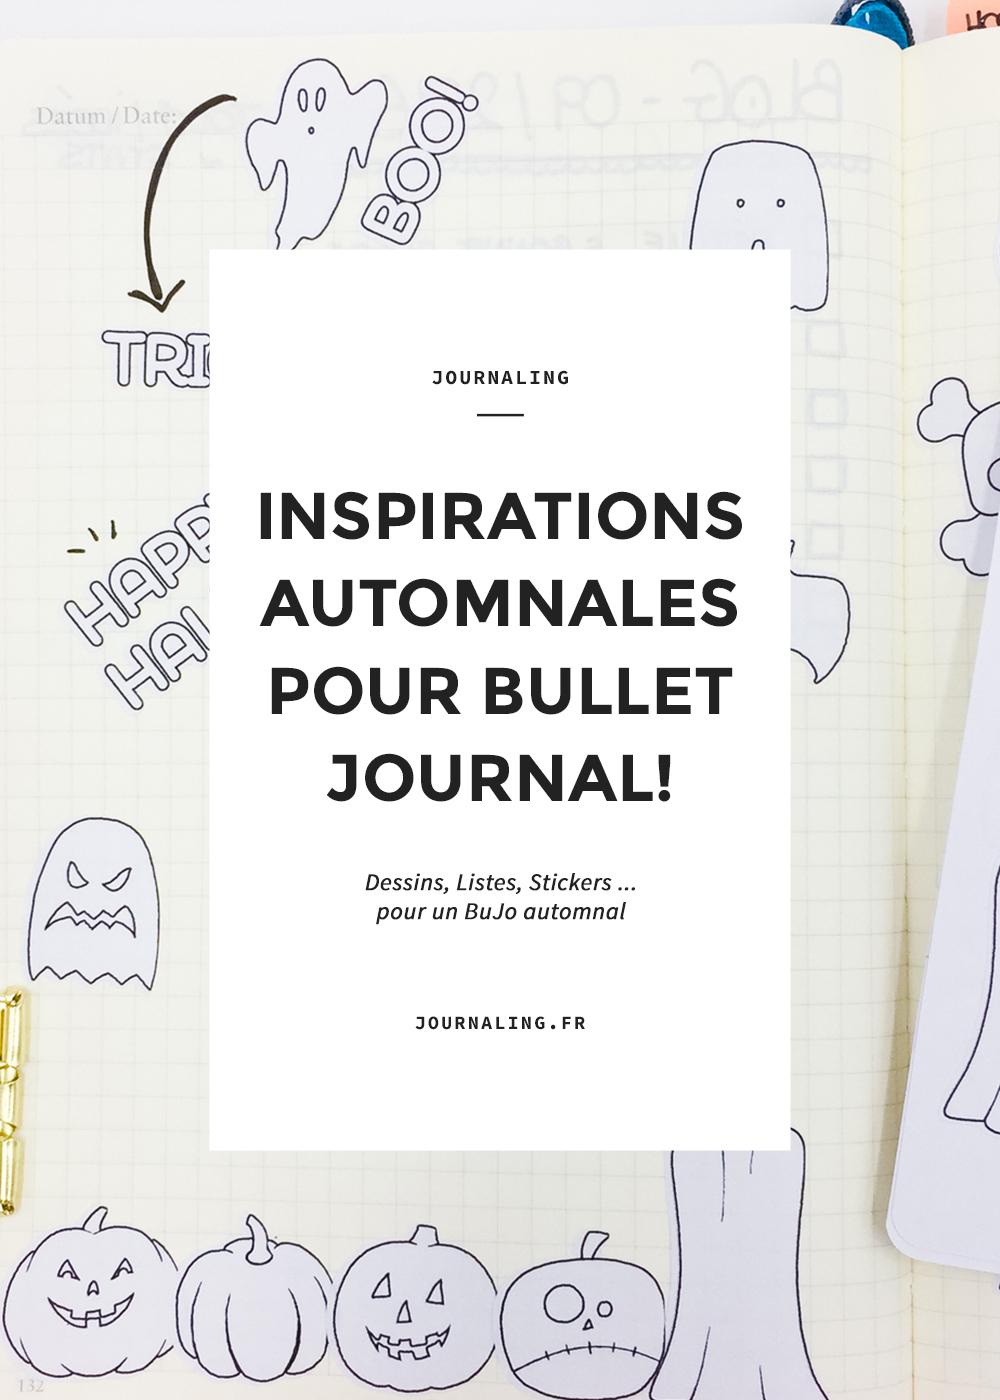 Inspirations d'Automne pour votre Bullet Journal